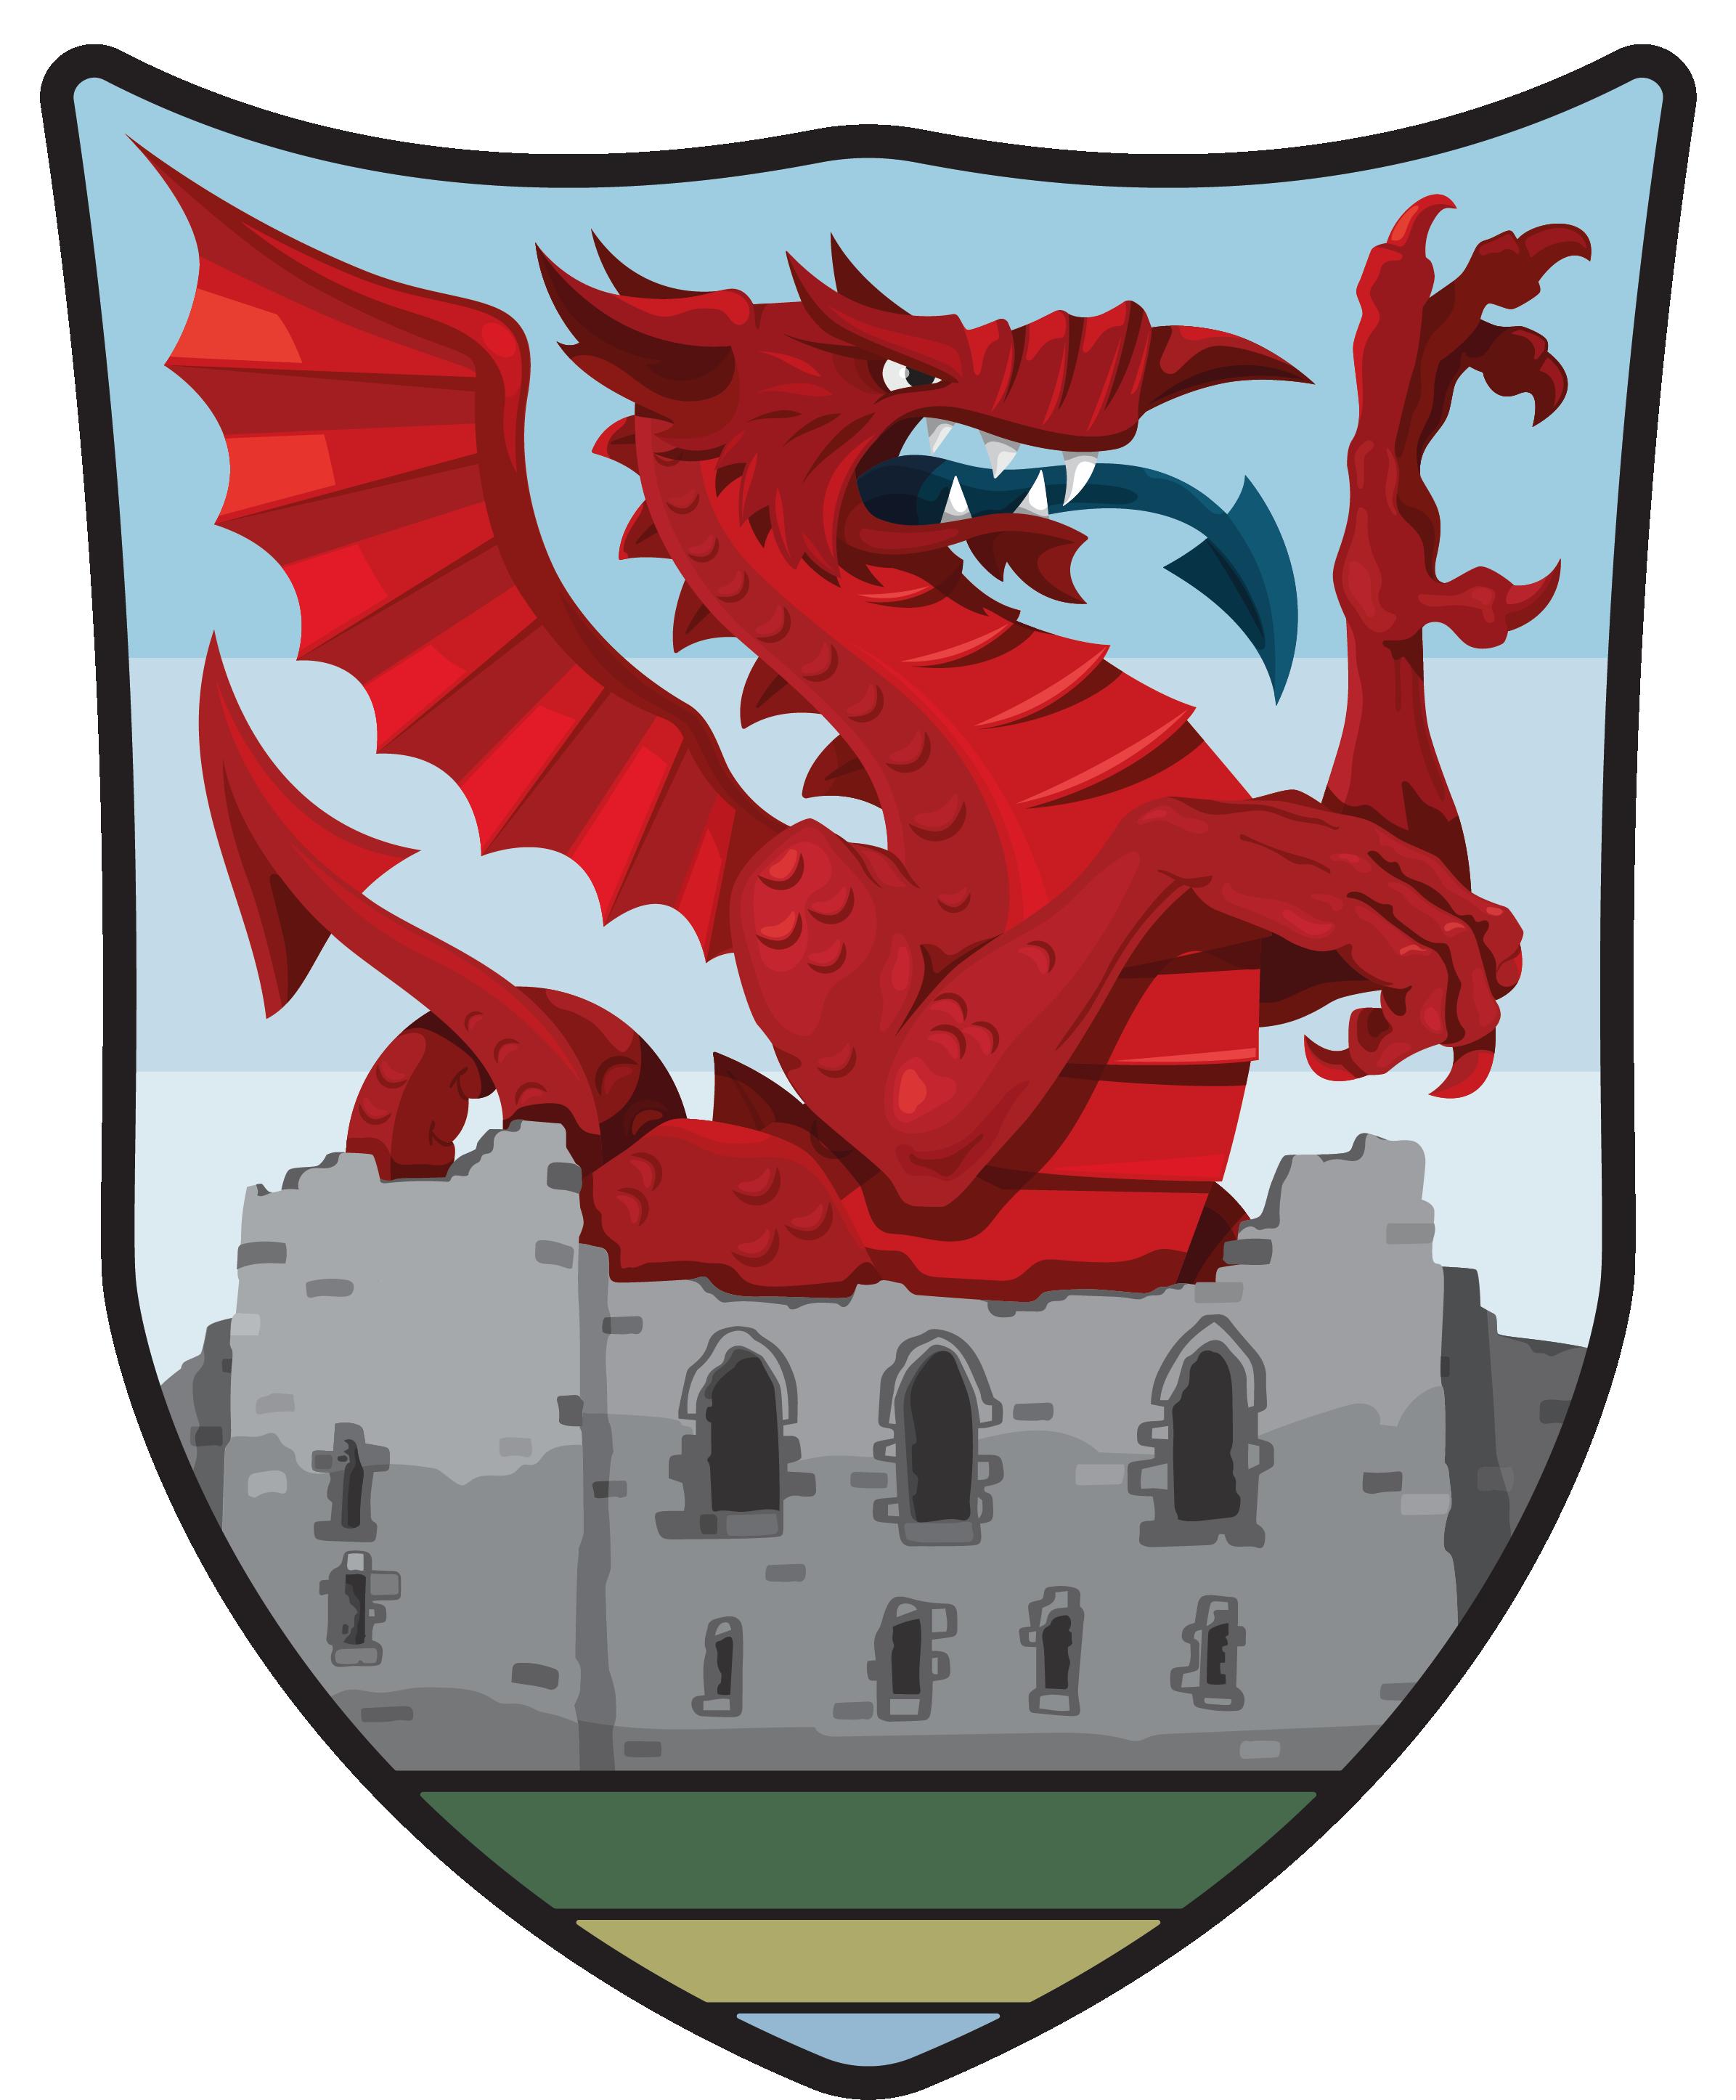 Haverfordwest High VC School logo